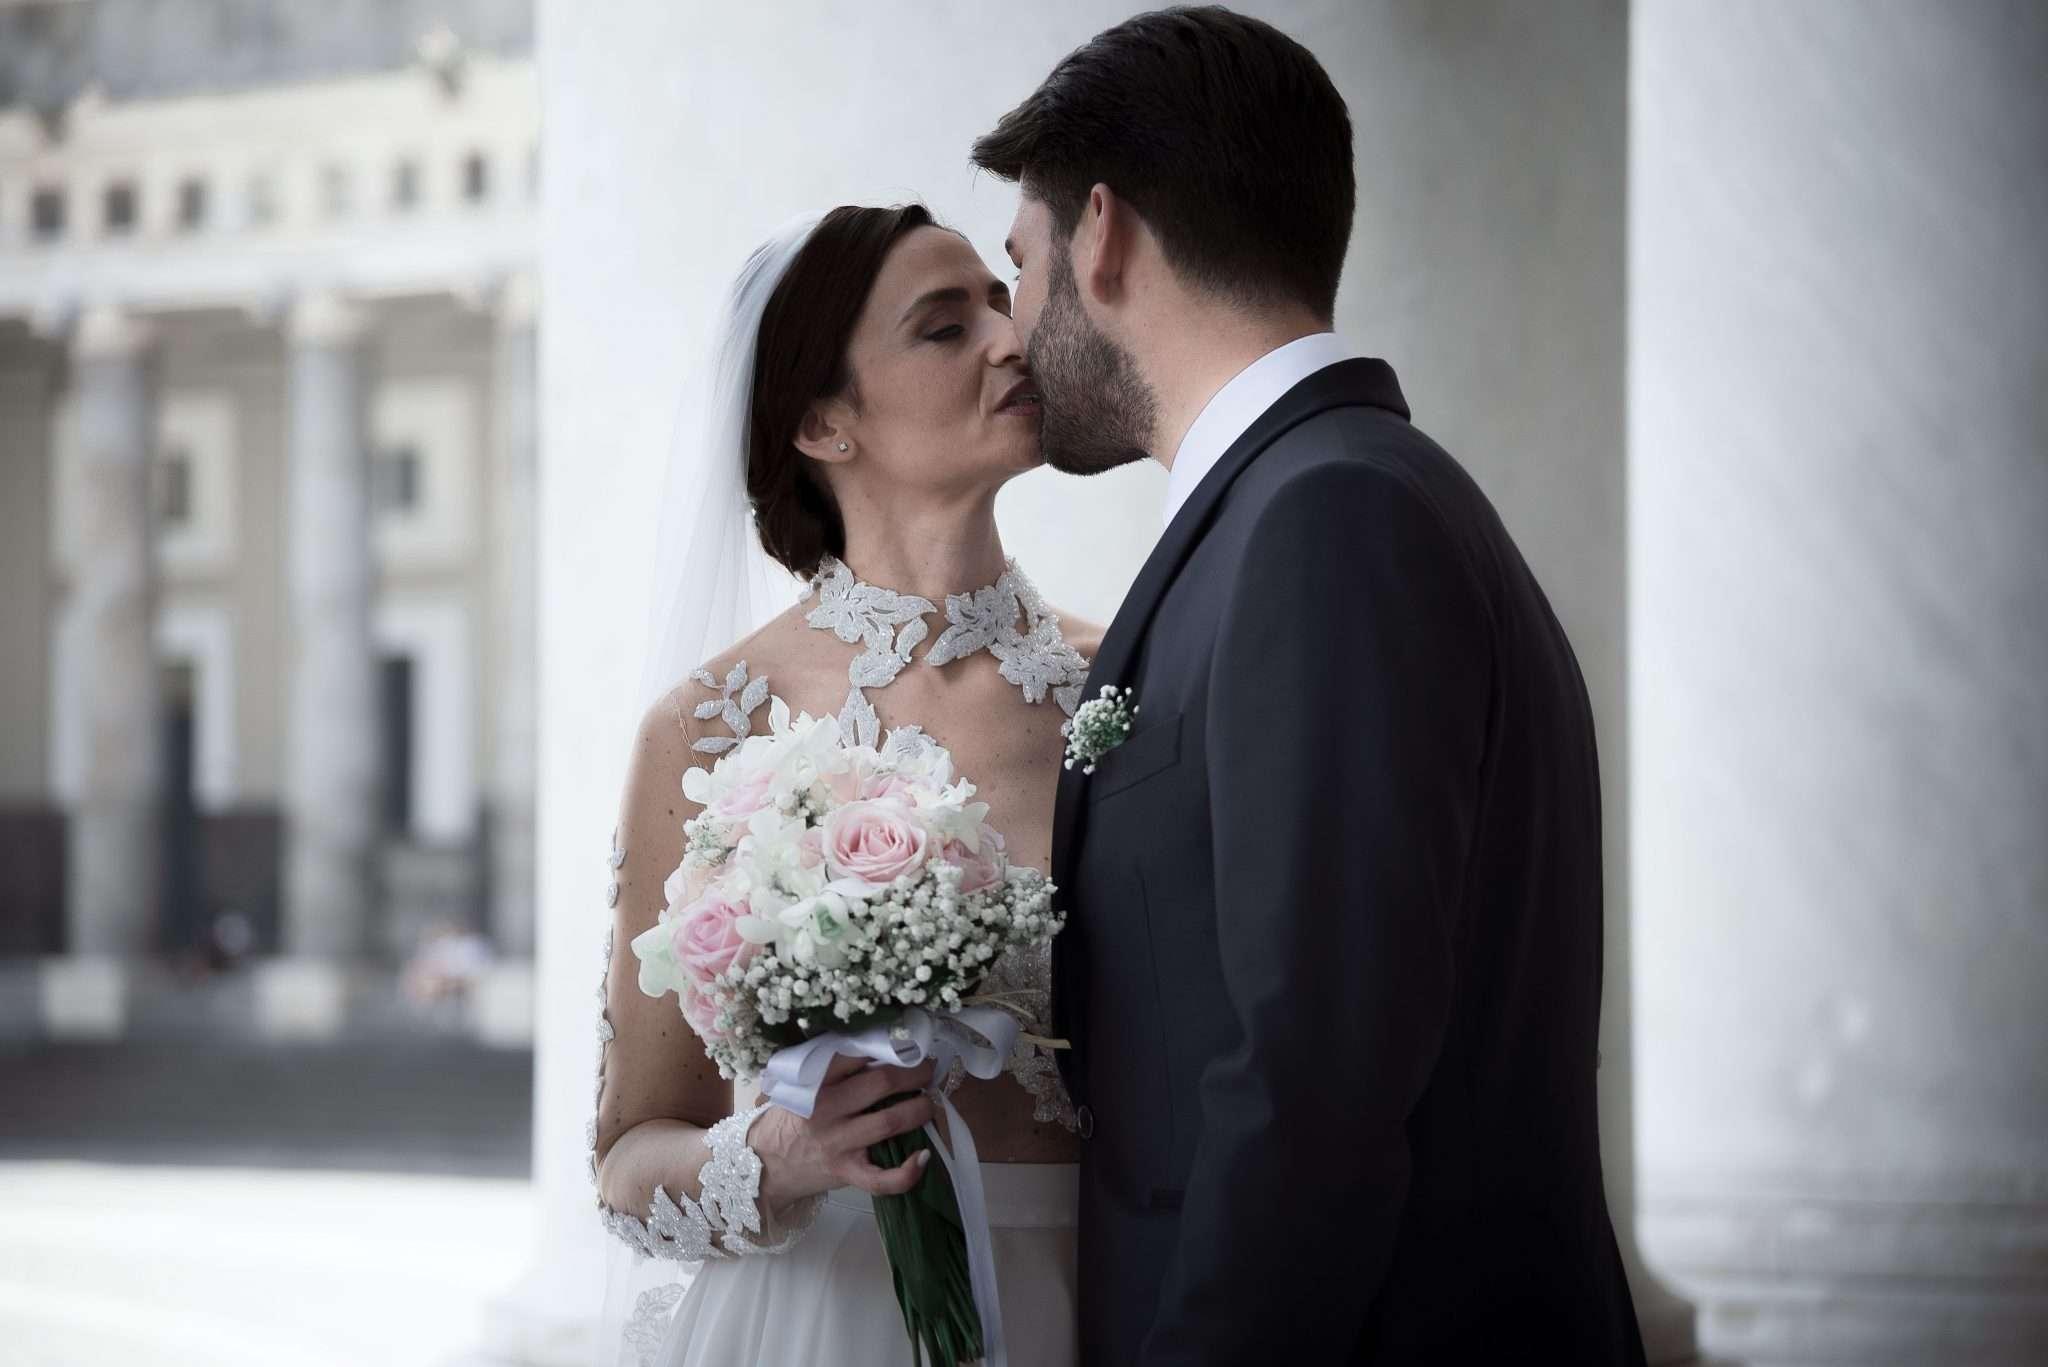 Fotografia matrimonio reportage di sposi che si baciano